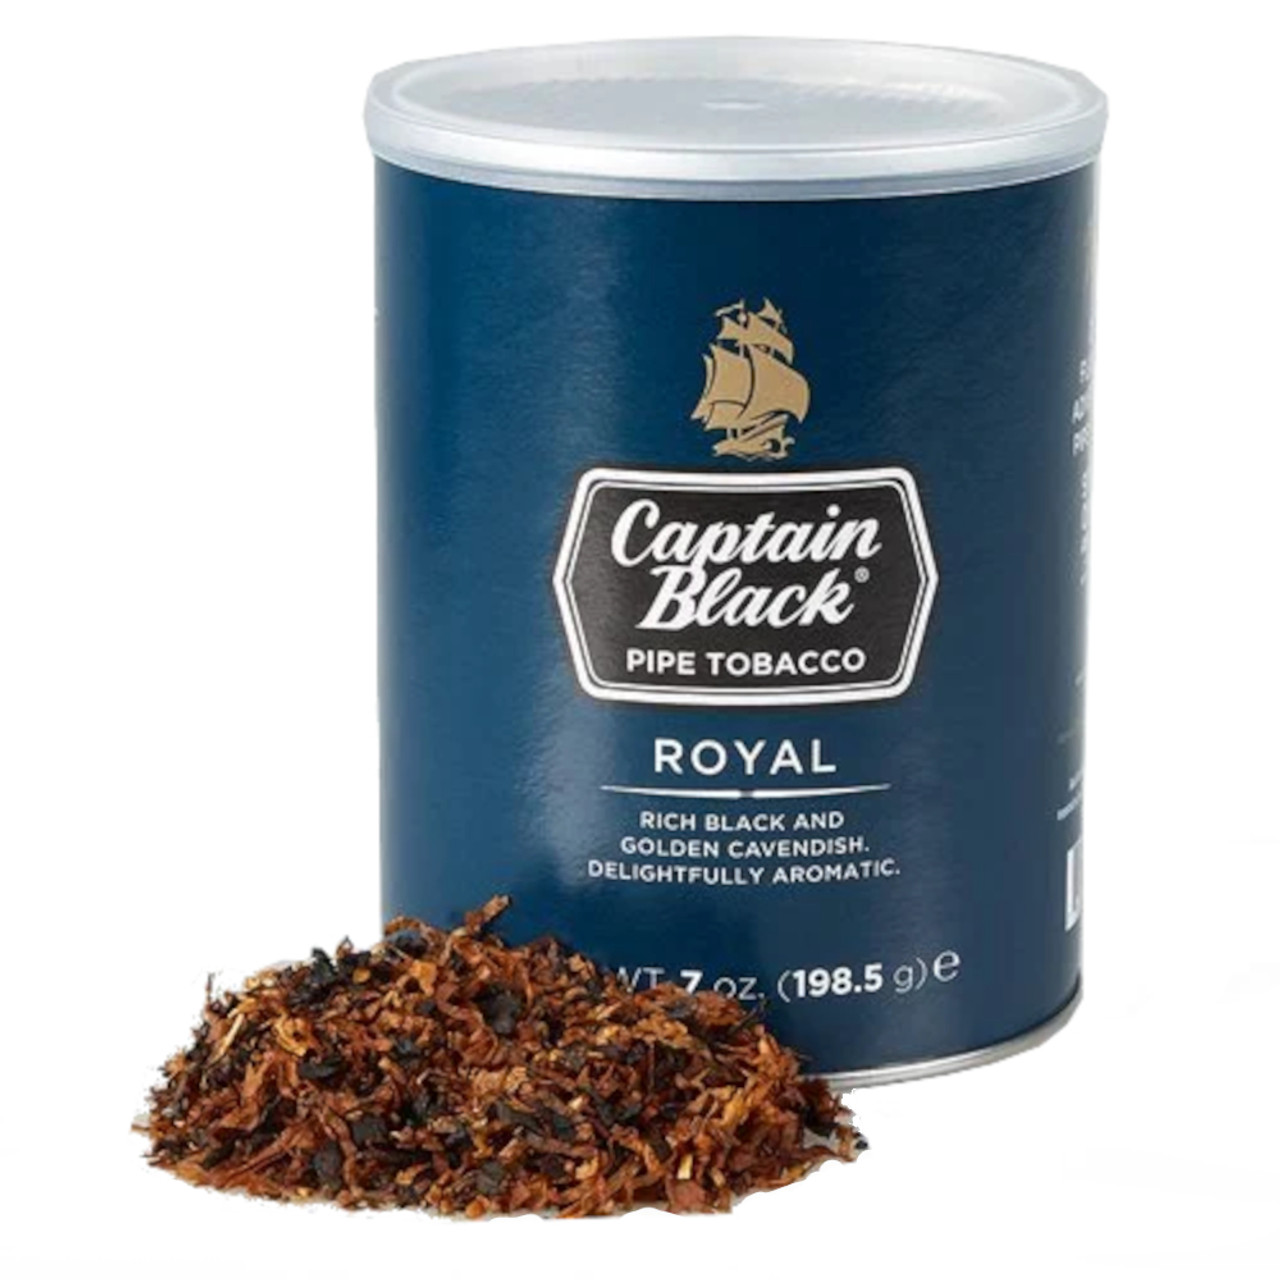 Captain Black Royal Pipe Tobacco 7 OZ TIN